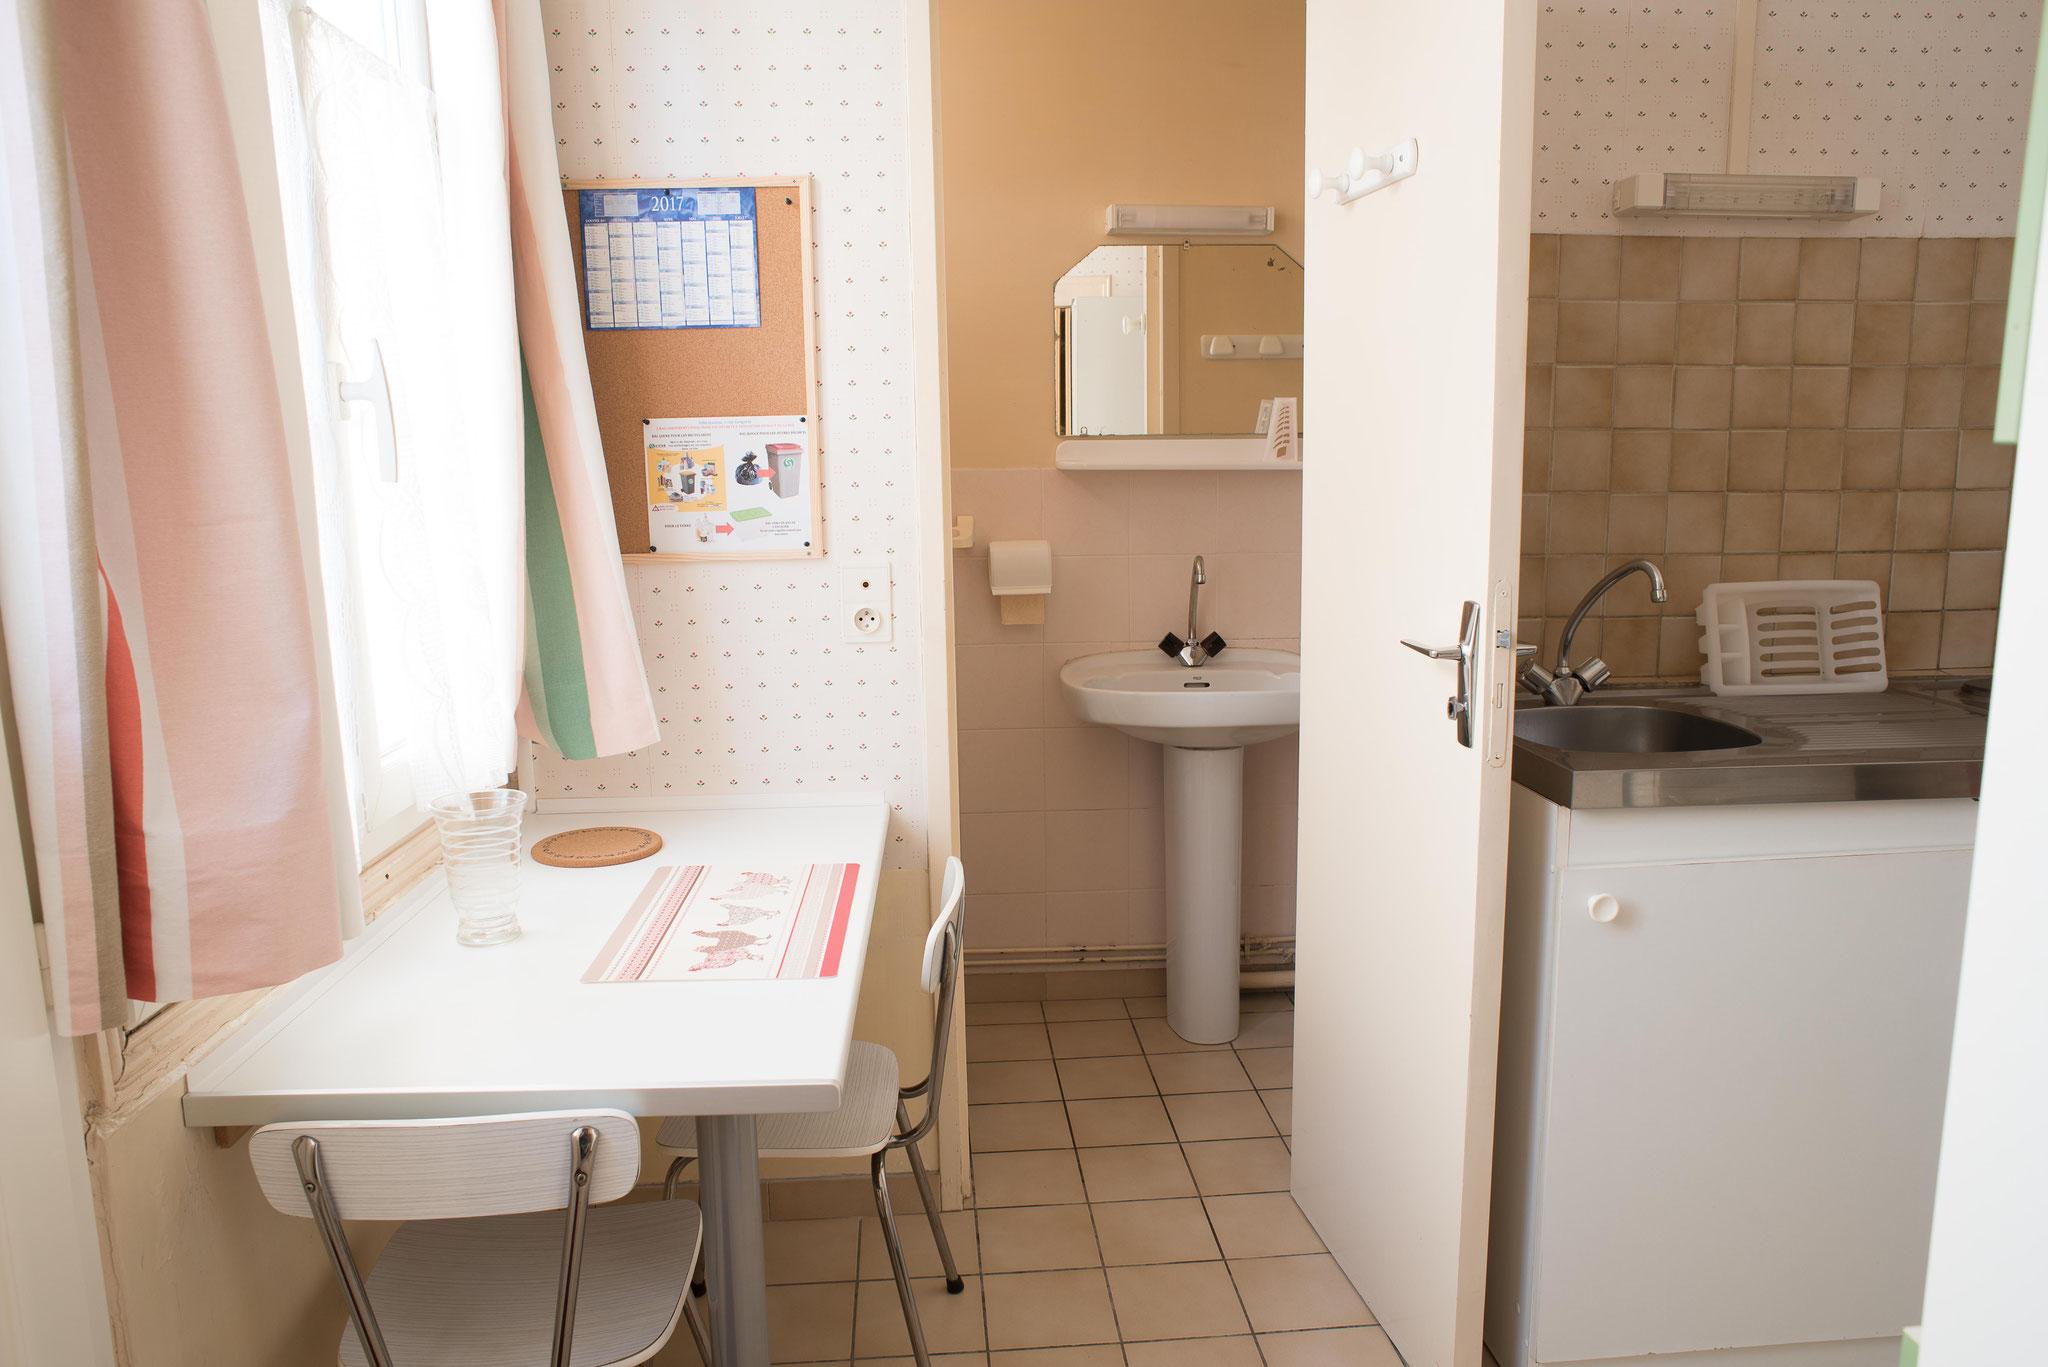 CUISINE ET VUE DE LA SALLE D'EAU (LAVABO DOUCHE ET WC)